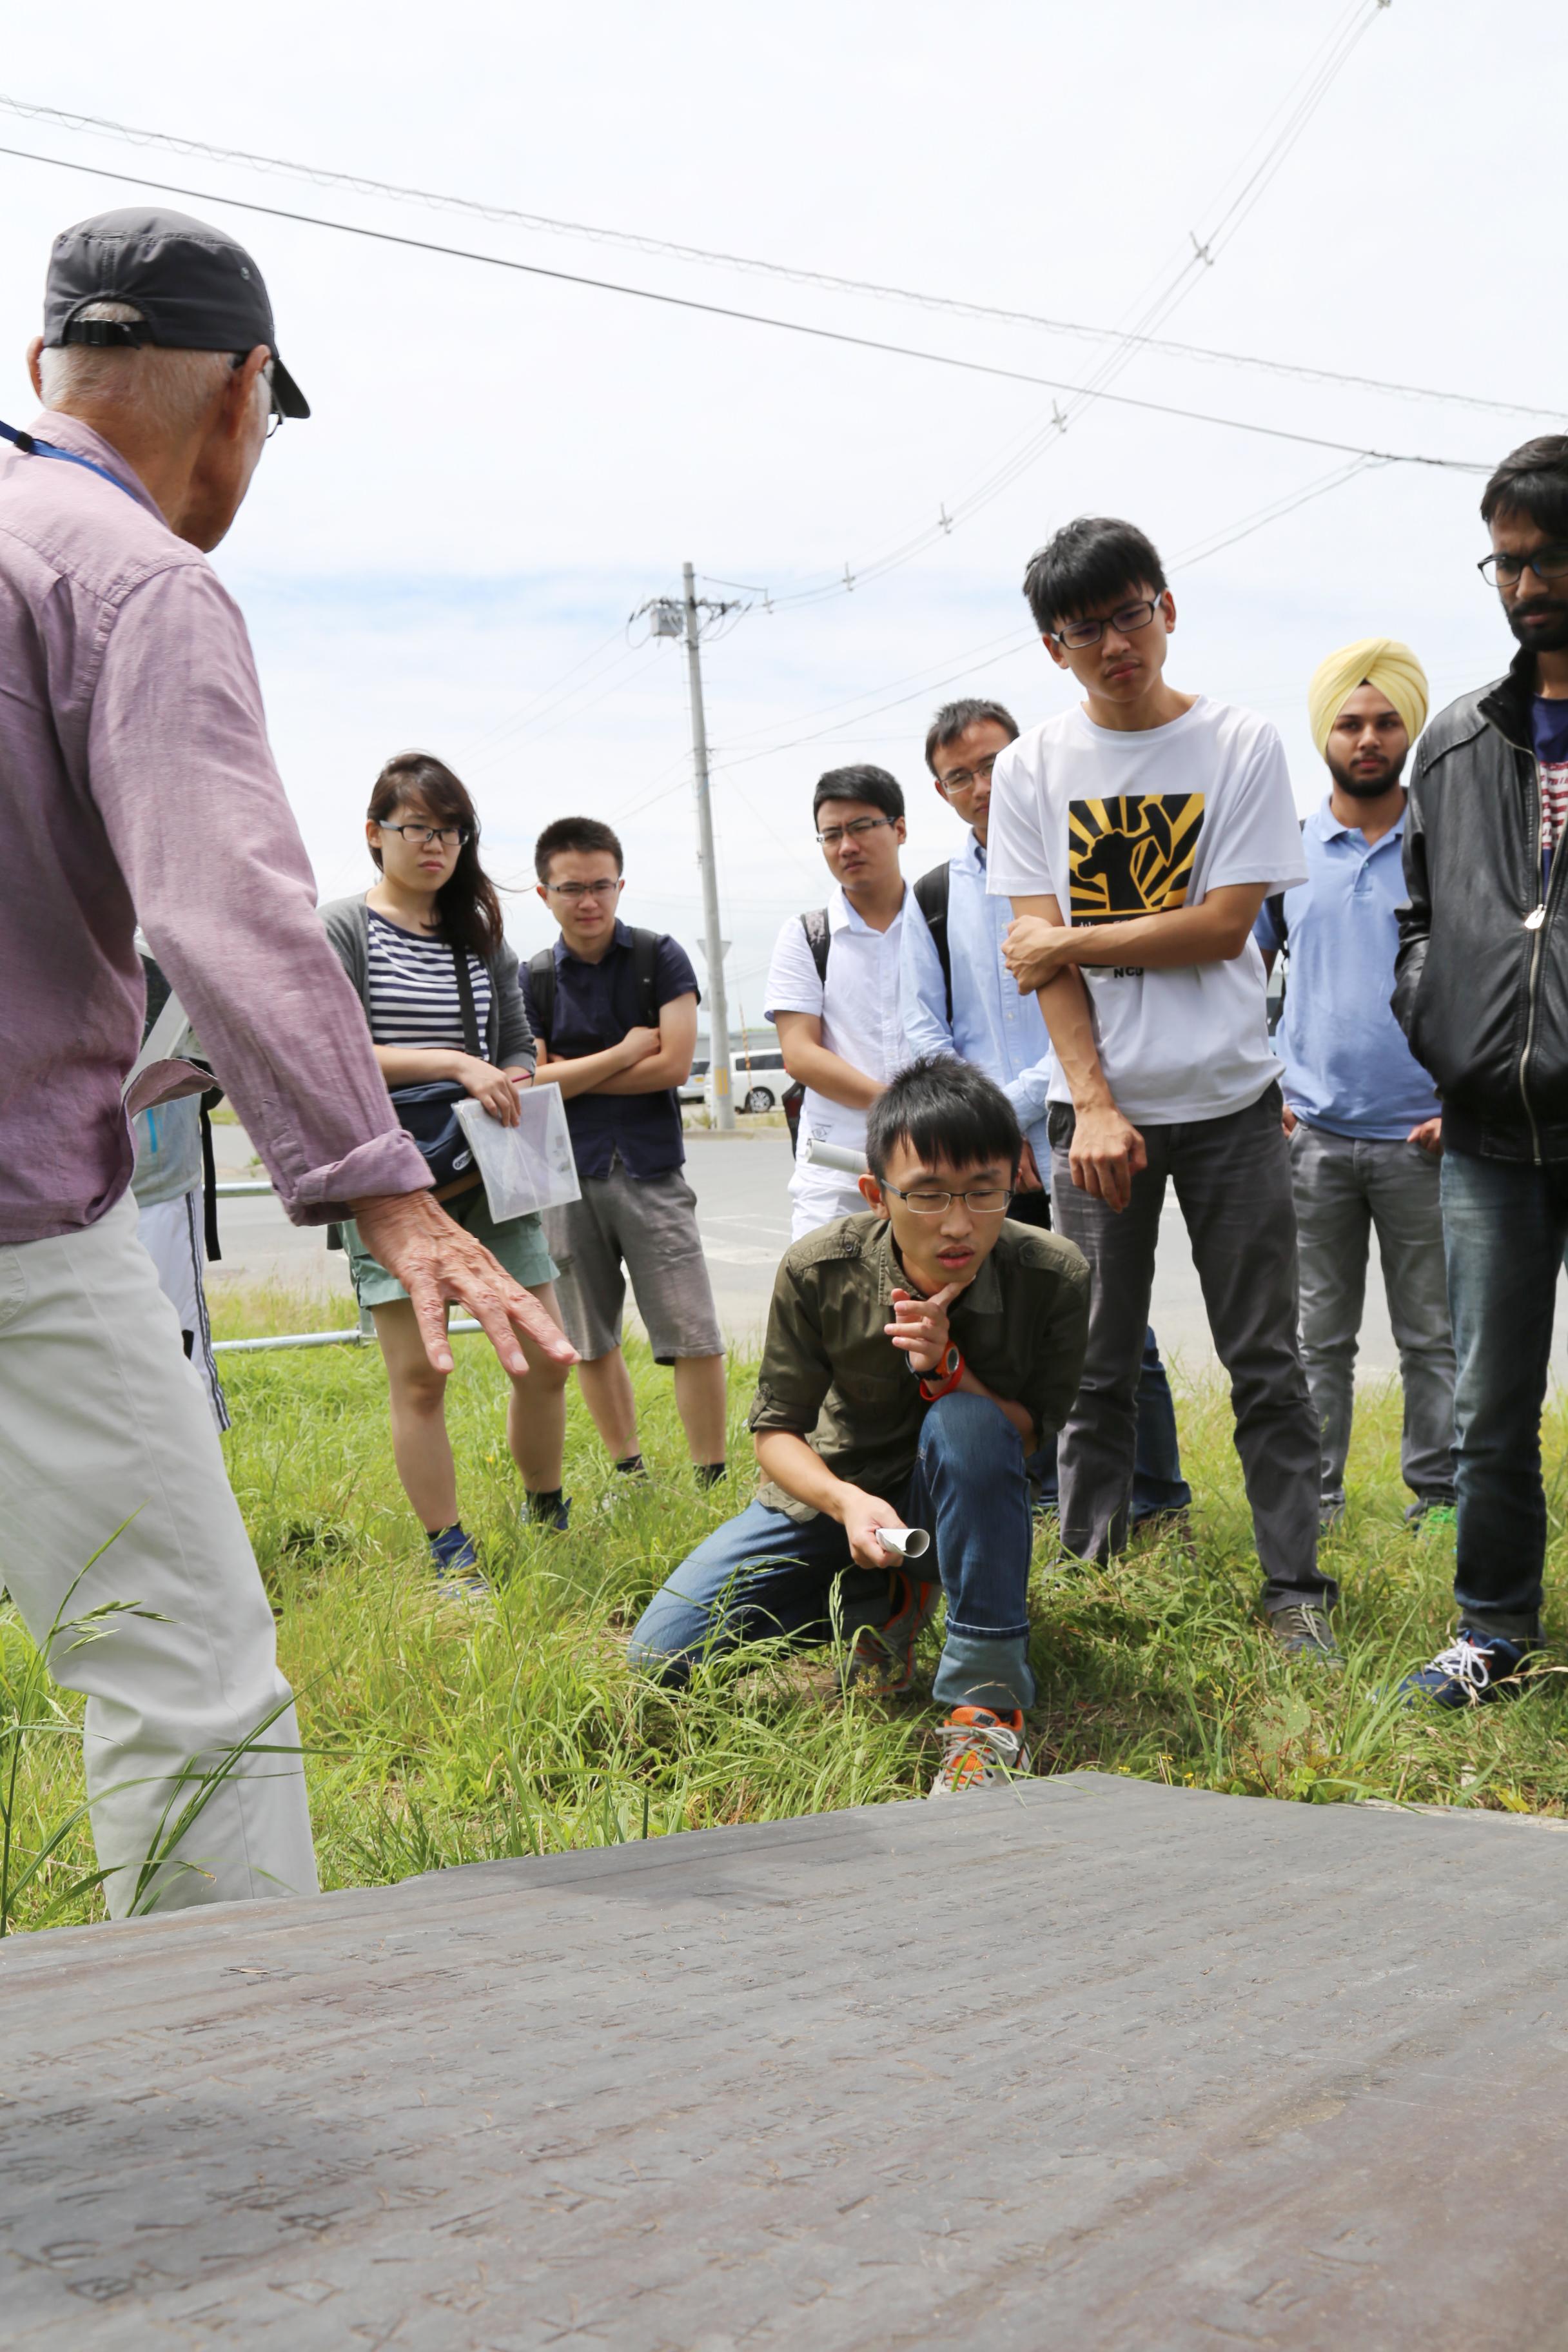 JST日本・アジア青少年サイエンス交流事業2016/ JST Sakura Science Plan 2016